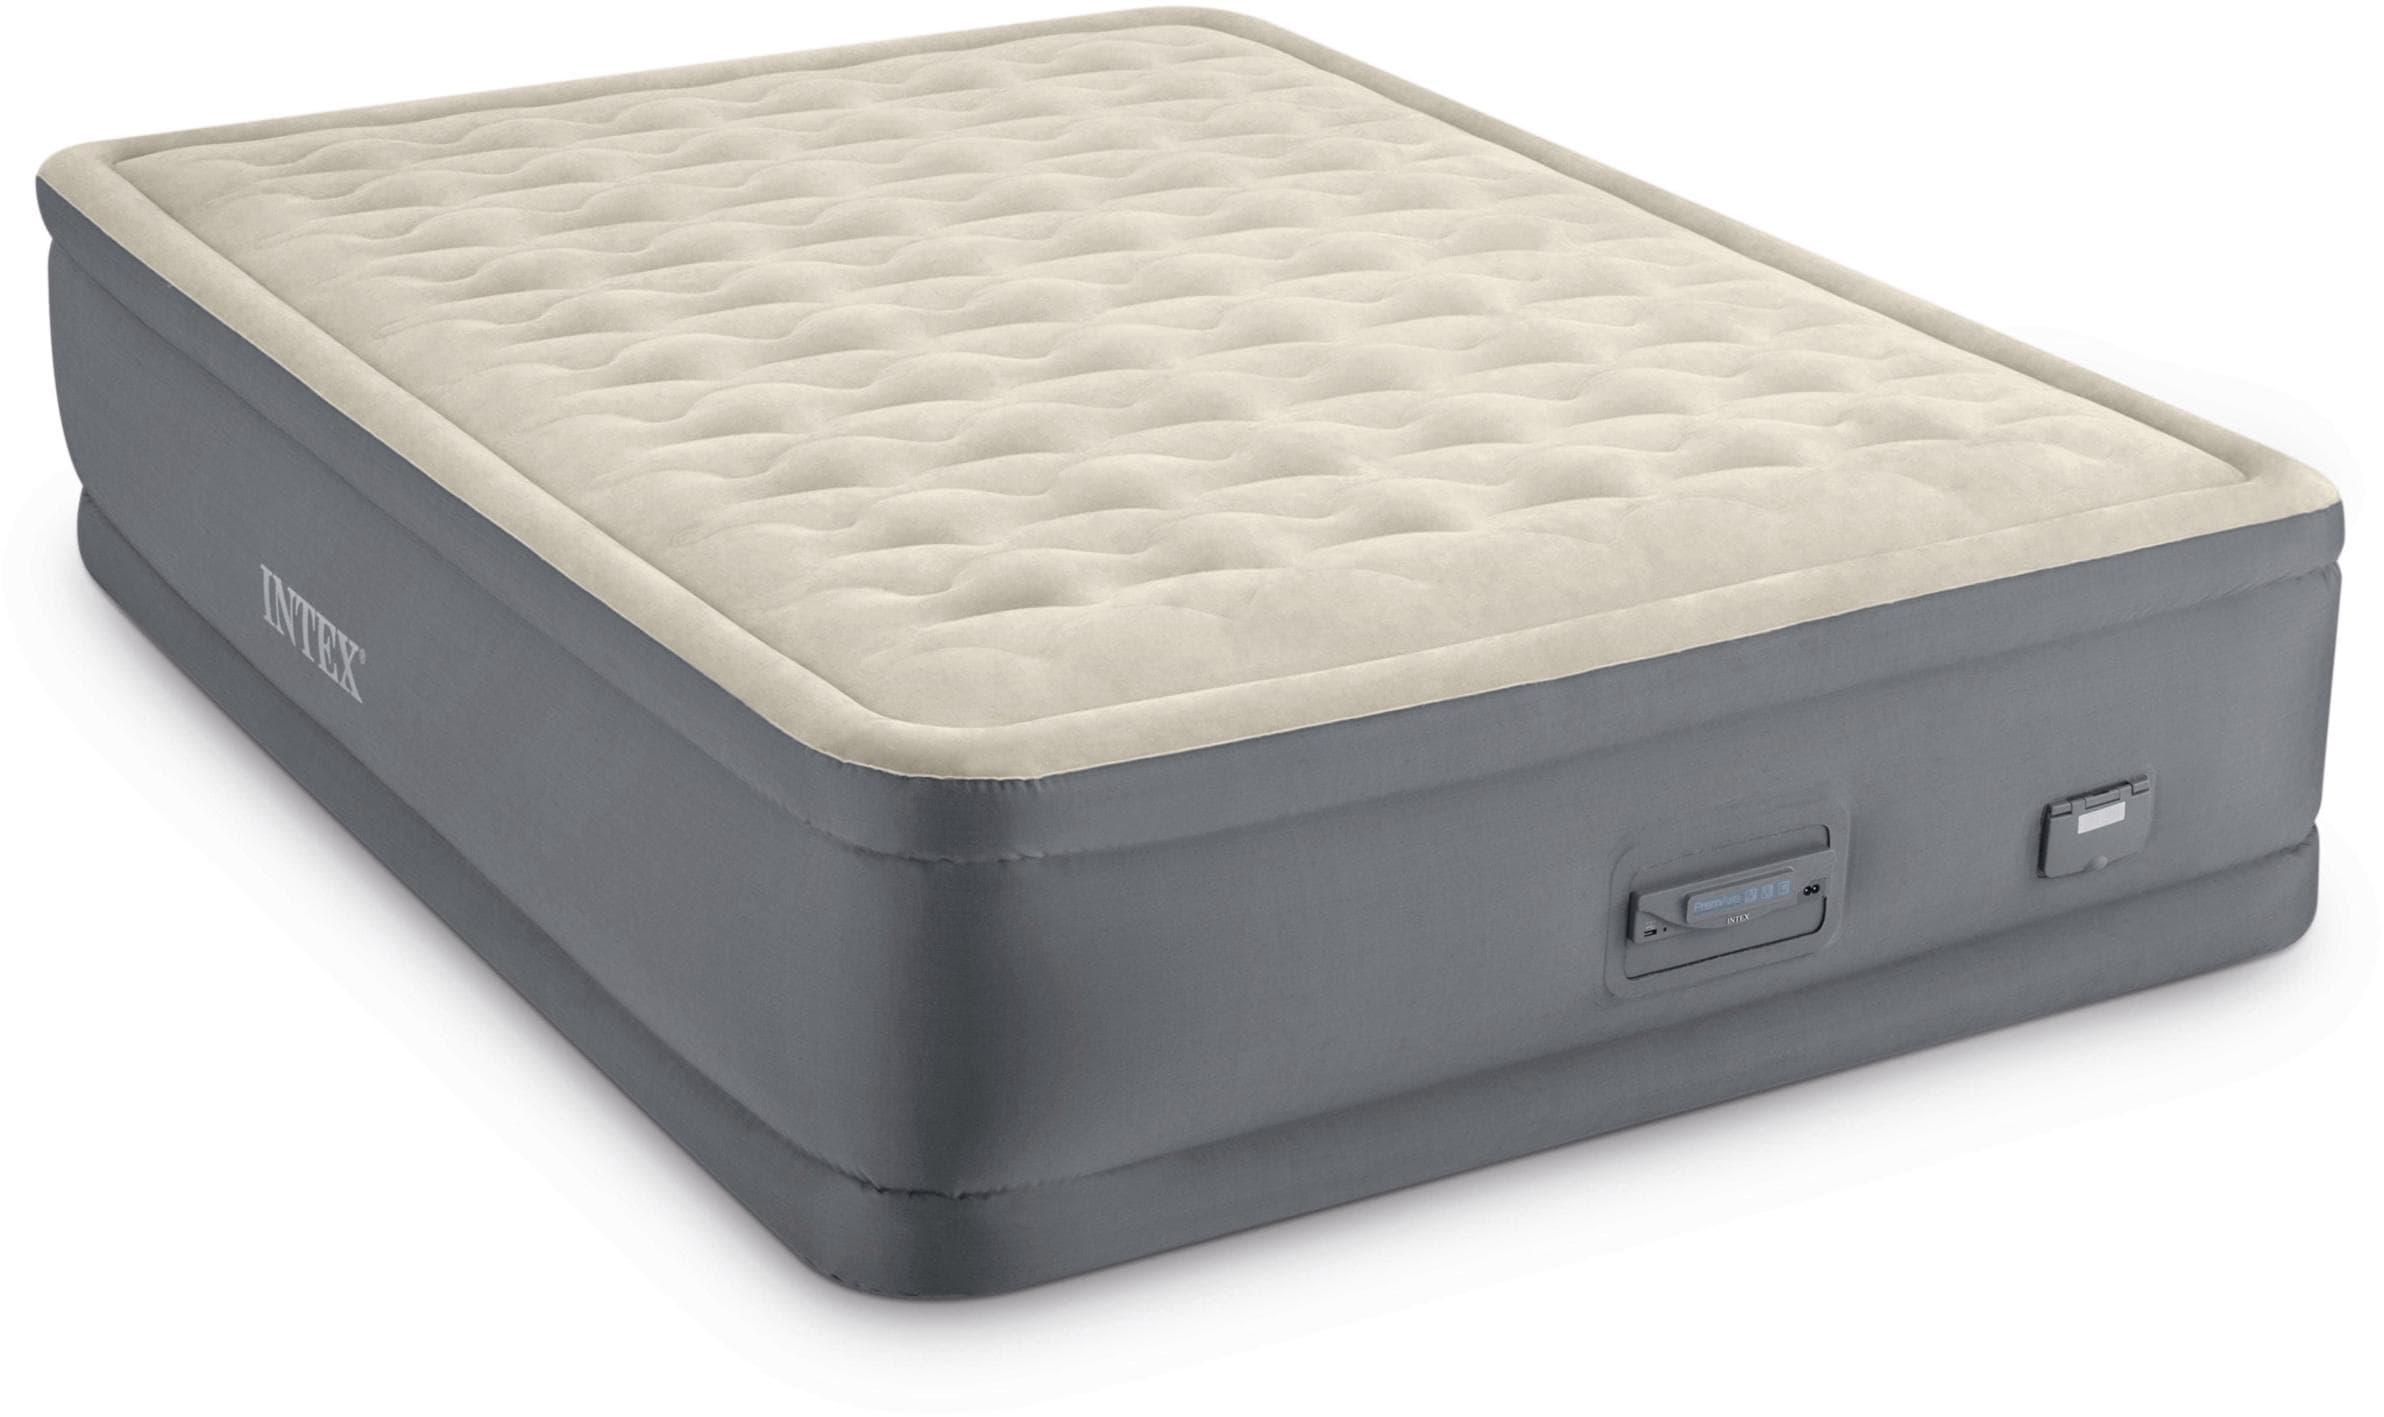 Intex Luftbett »DURA-BEAM® Premaire II«, (Set, 2, mit Transporttasche) günstig online kaufen